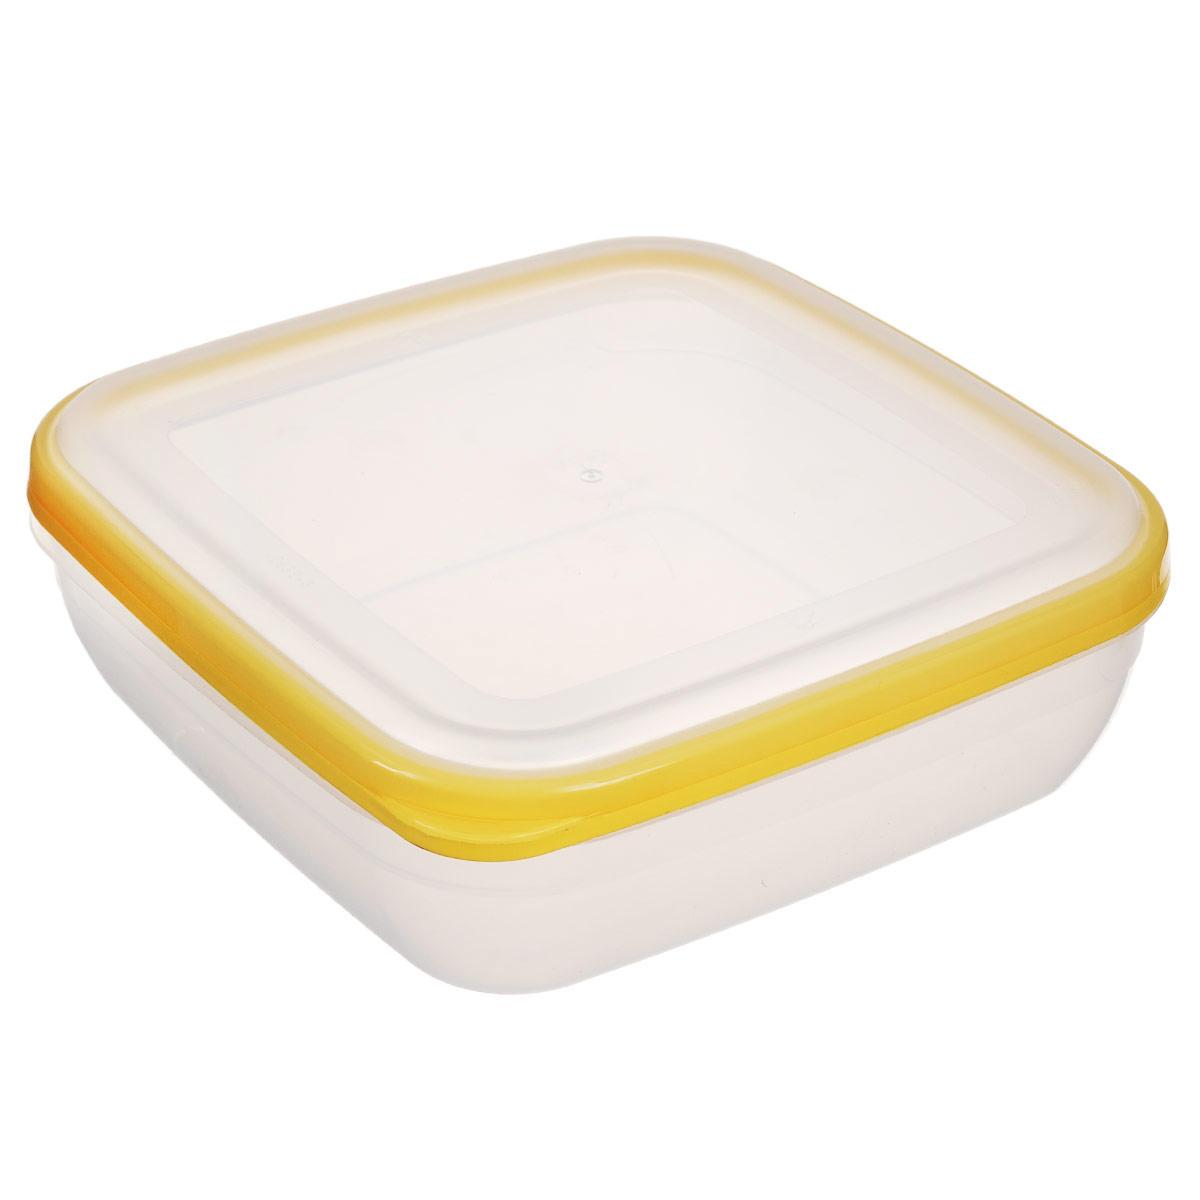 Контейнер для СВЧ Полимербыт Премиум, цвет: желтый, 1,7 лС566Квадратный контейнер для СВЧ Полимербыт Премиум изготовлен из высококачественного прочного пластика, устойчивого к высоким температурам (до +110°С). Крышка плотно и герметично закрывается, дольше сохраняя продукты свежими и вкусными. Контейнер идеально подходит для хранения пищи, его удобно брать с собой на работу, учебу, пикник или просто использовать для хранения продуктов в холодильнике. Подходит для разогрева пищи в микроволновой печи и для заморозки в морозильной камере (при минимальной температуре -40°С). Можно мыть в посудомоечной машине.